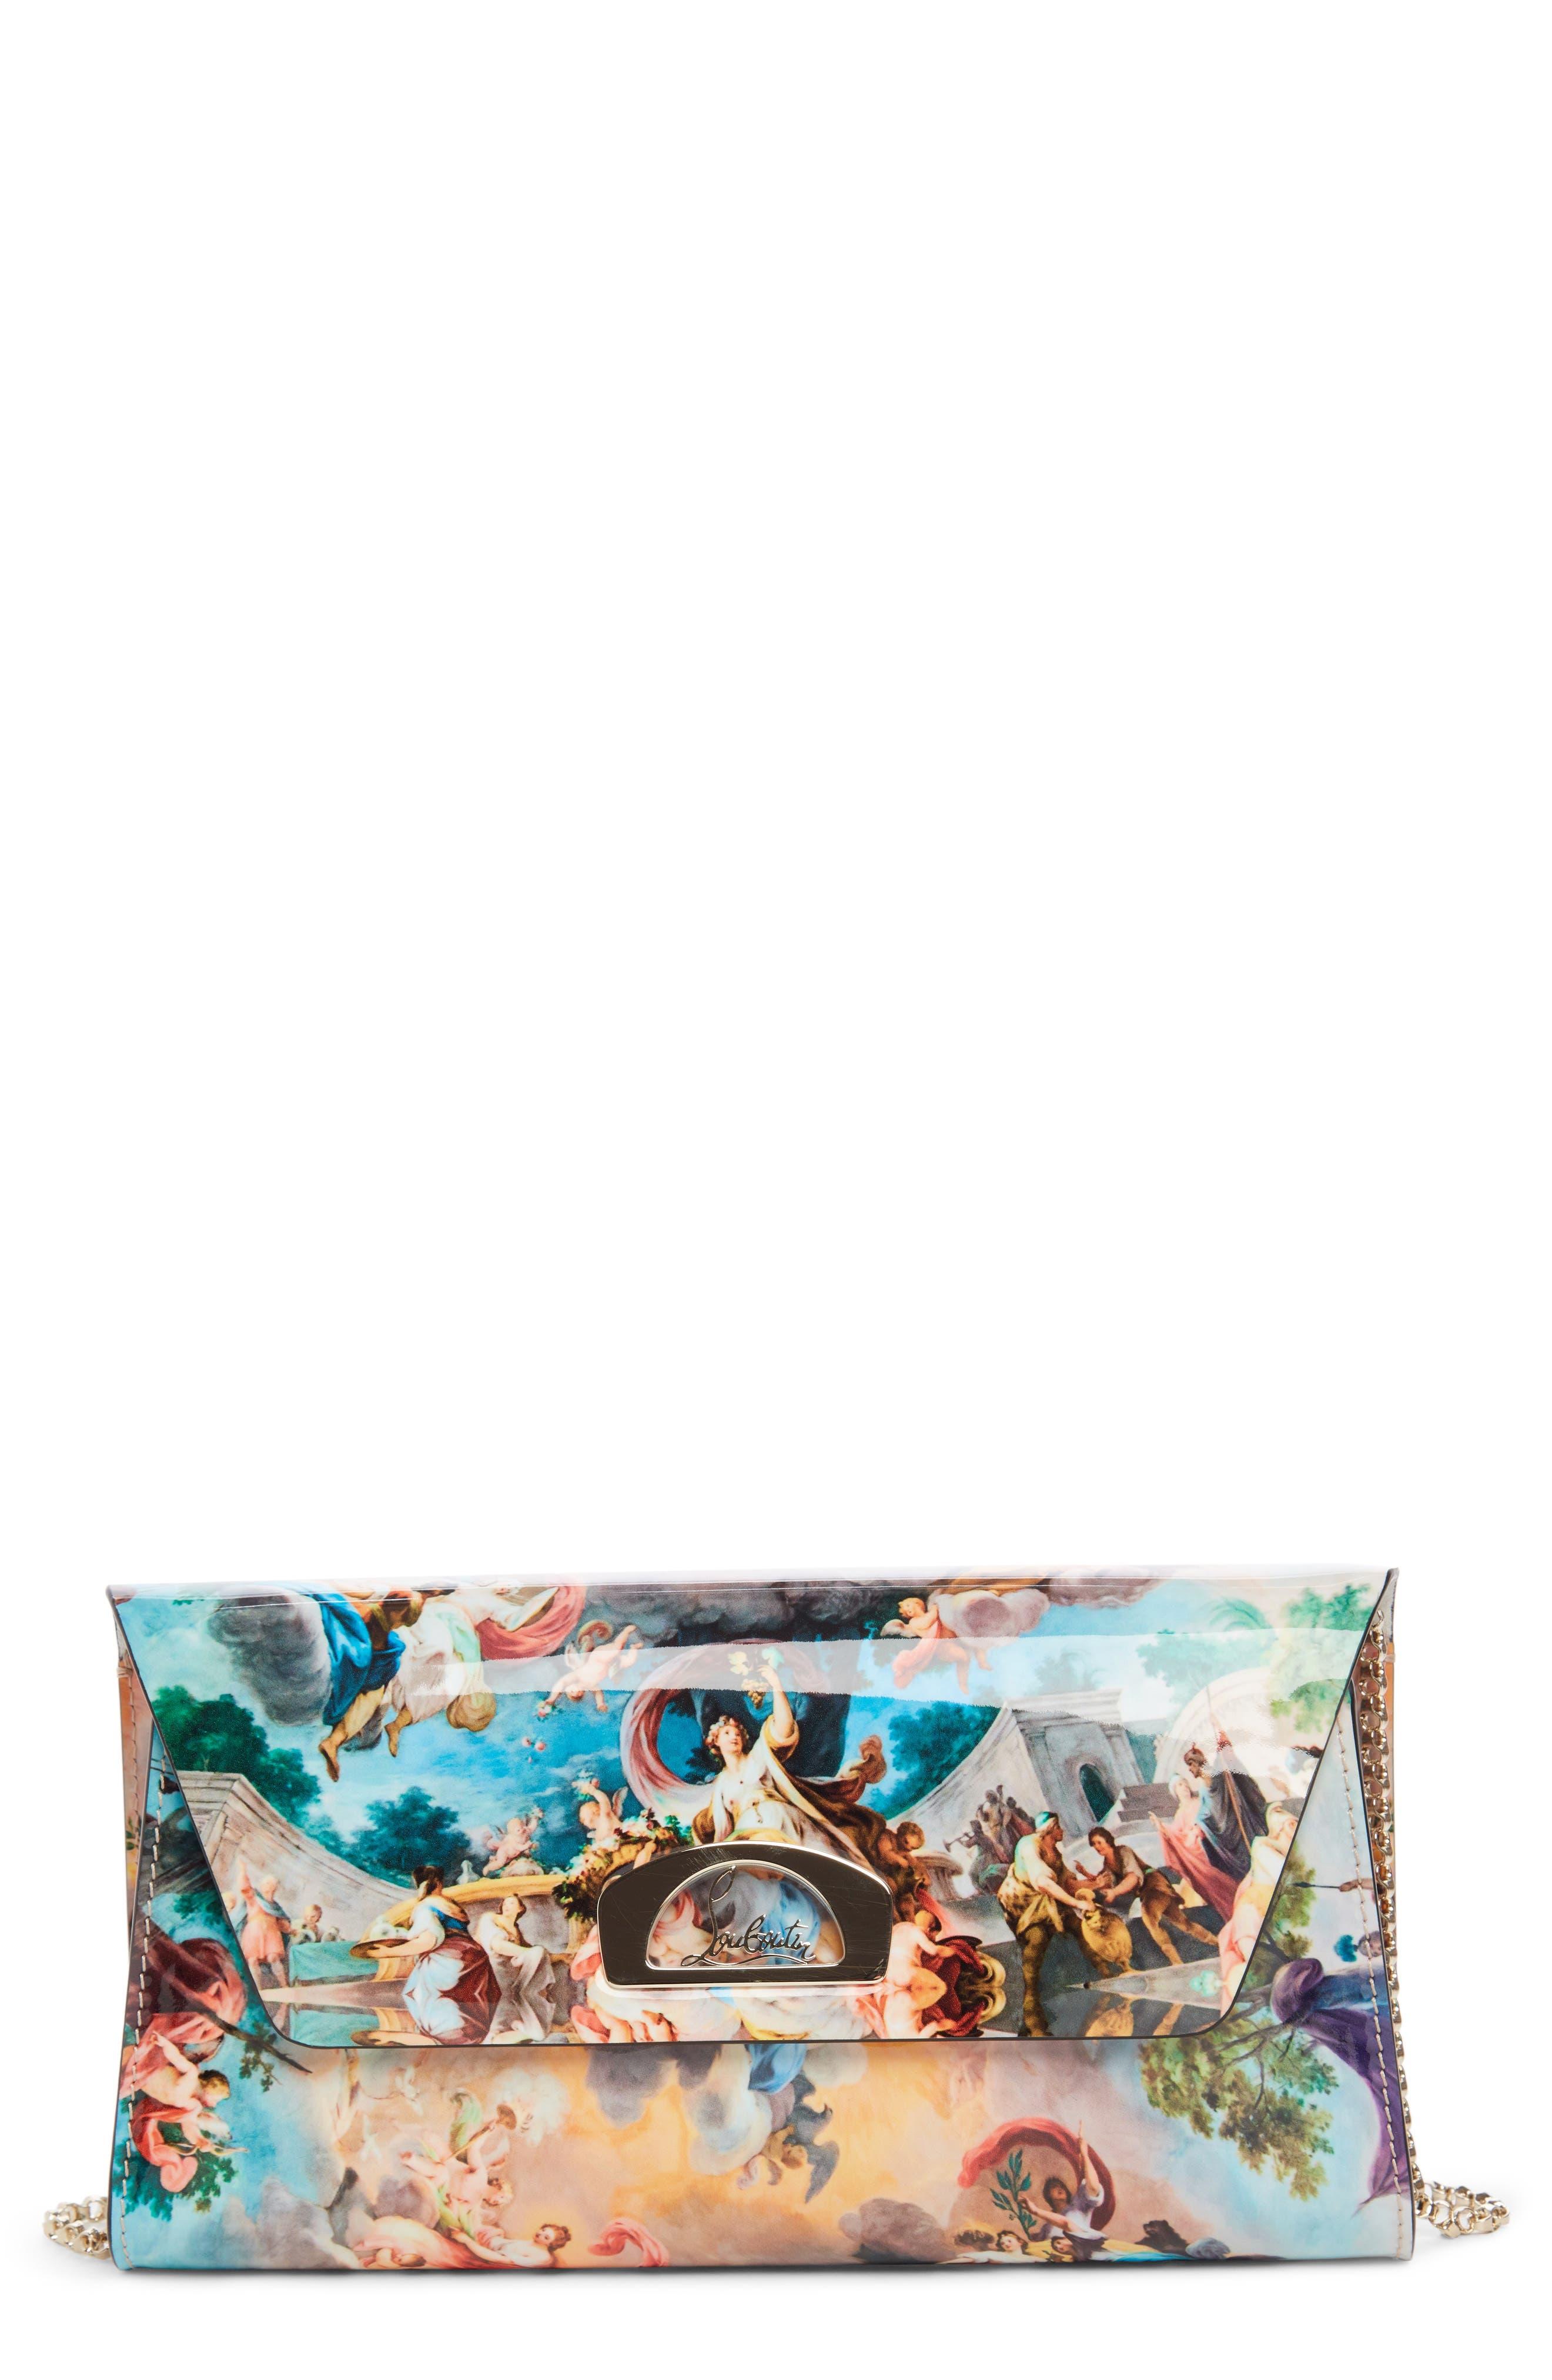 Vero Dodat Fresco Print Leather Clutch,                             Main thumbnail 1, color,                             Blue Multi